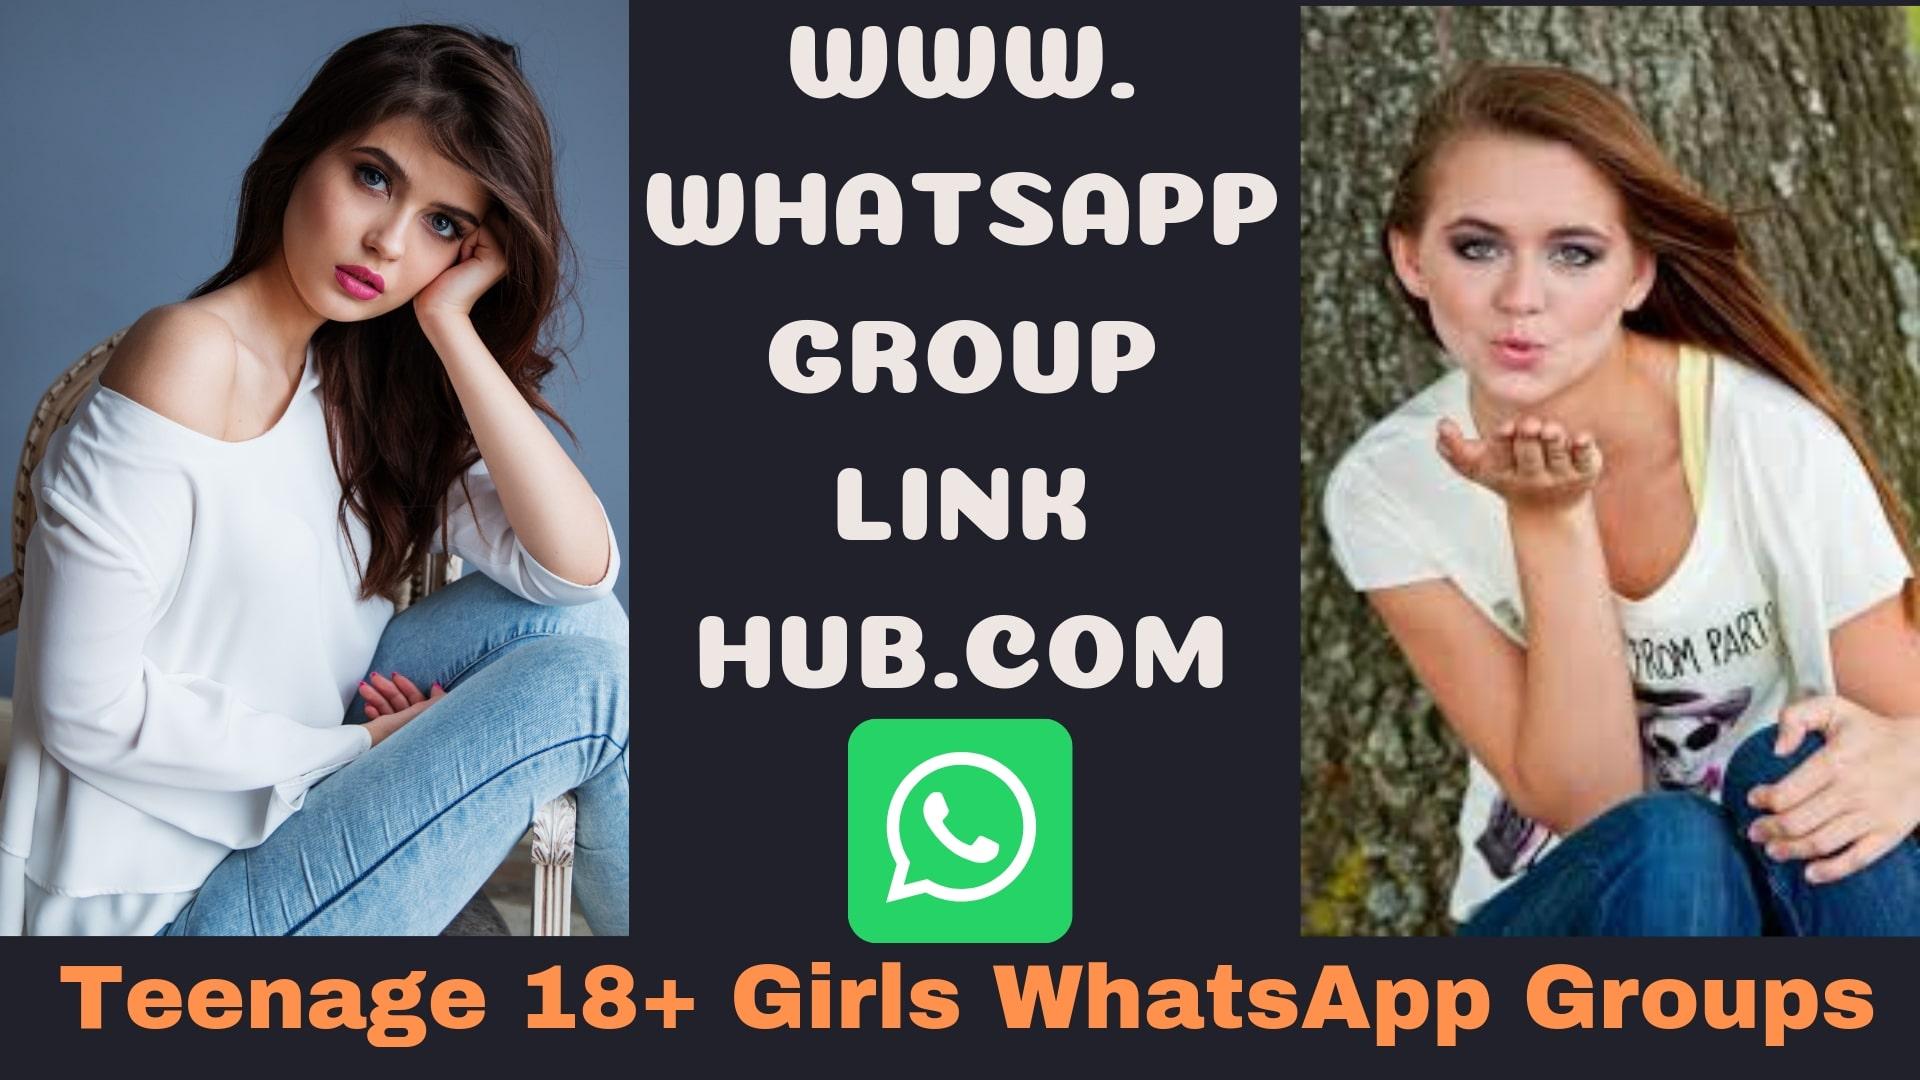 3819232357?profile=original